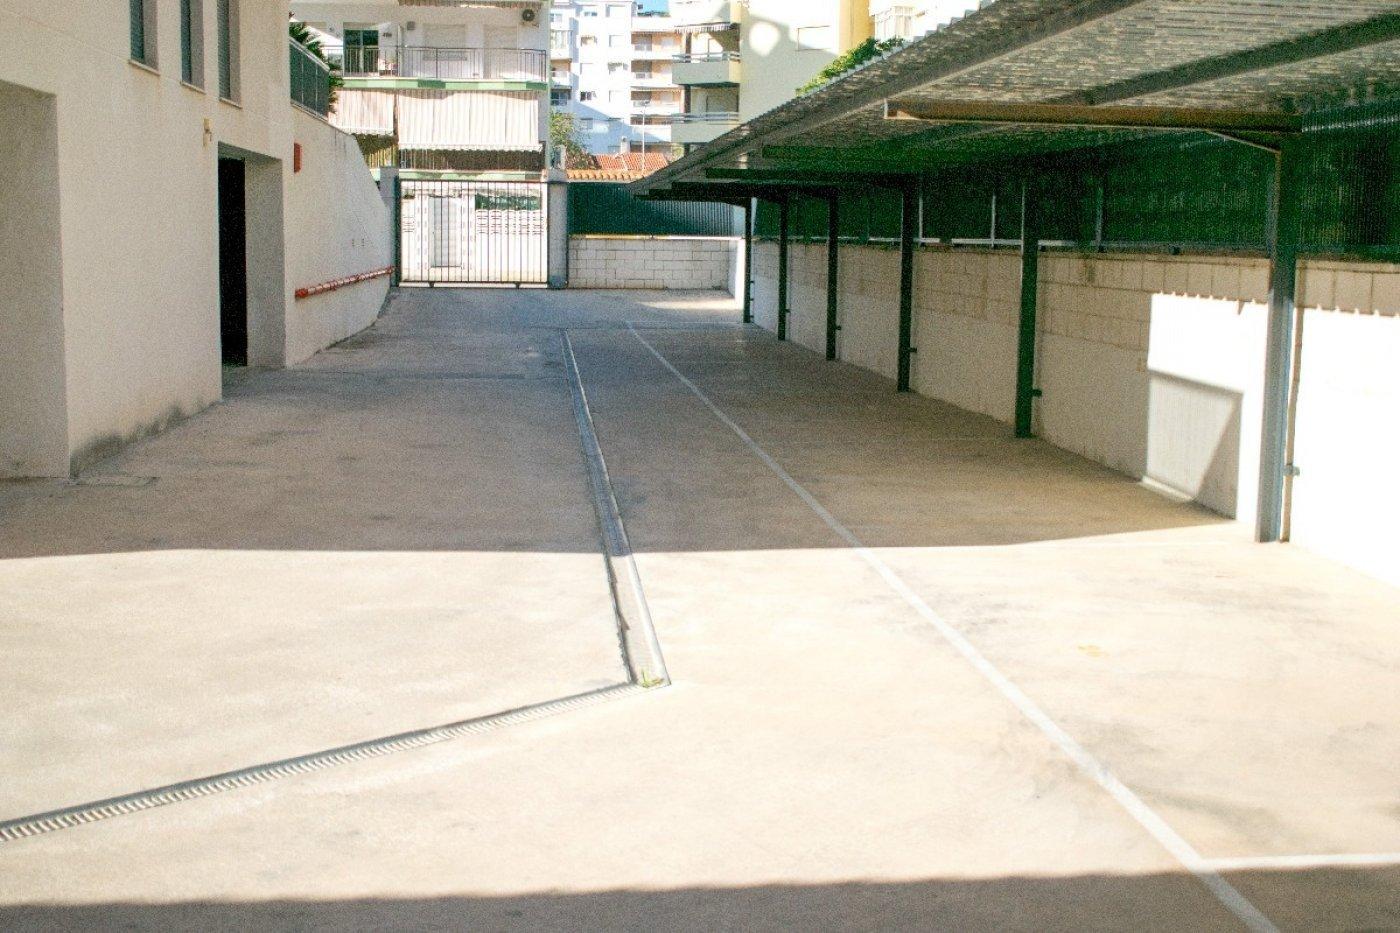 Apartamento en playa de gandia con piscina comunitaria y garaje incluido - imagenInmueble16